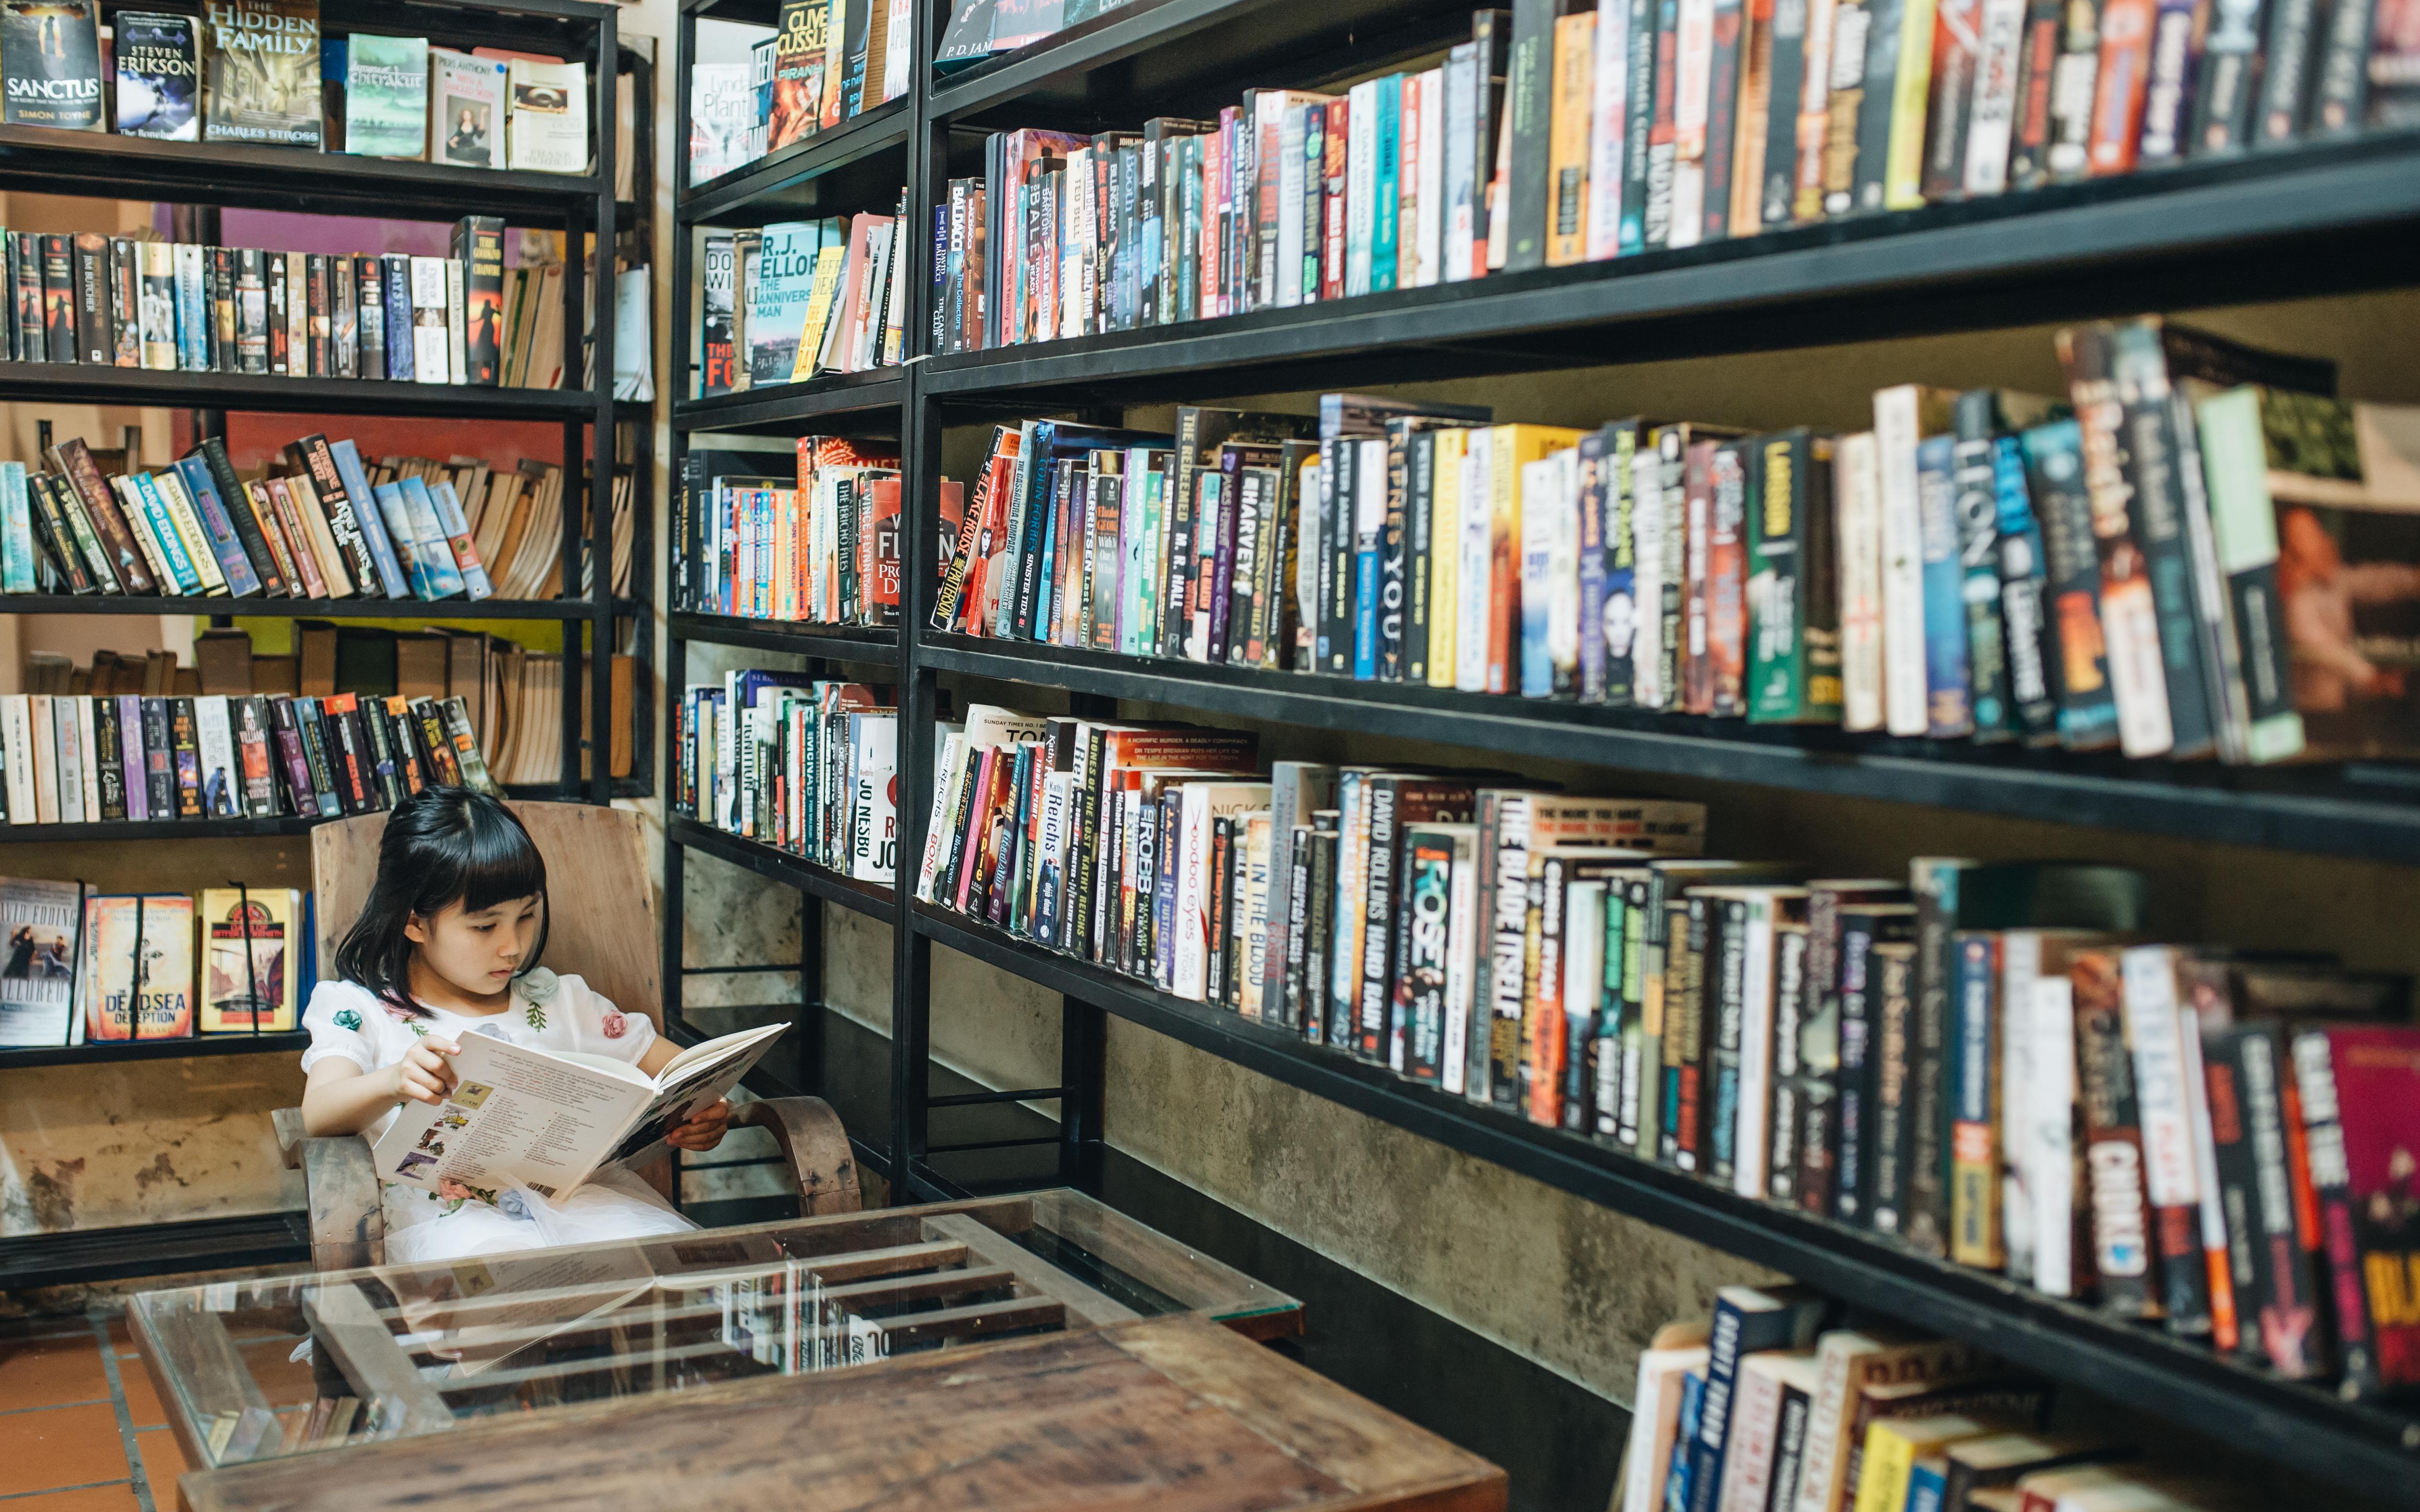 Những cuốn sách thiếu nhi hay nhất năm 2020 dành cho trẻ từ 0-12 tuổi, cha mẹ nhất định nên tham khảo cho con